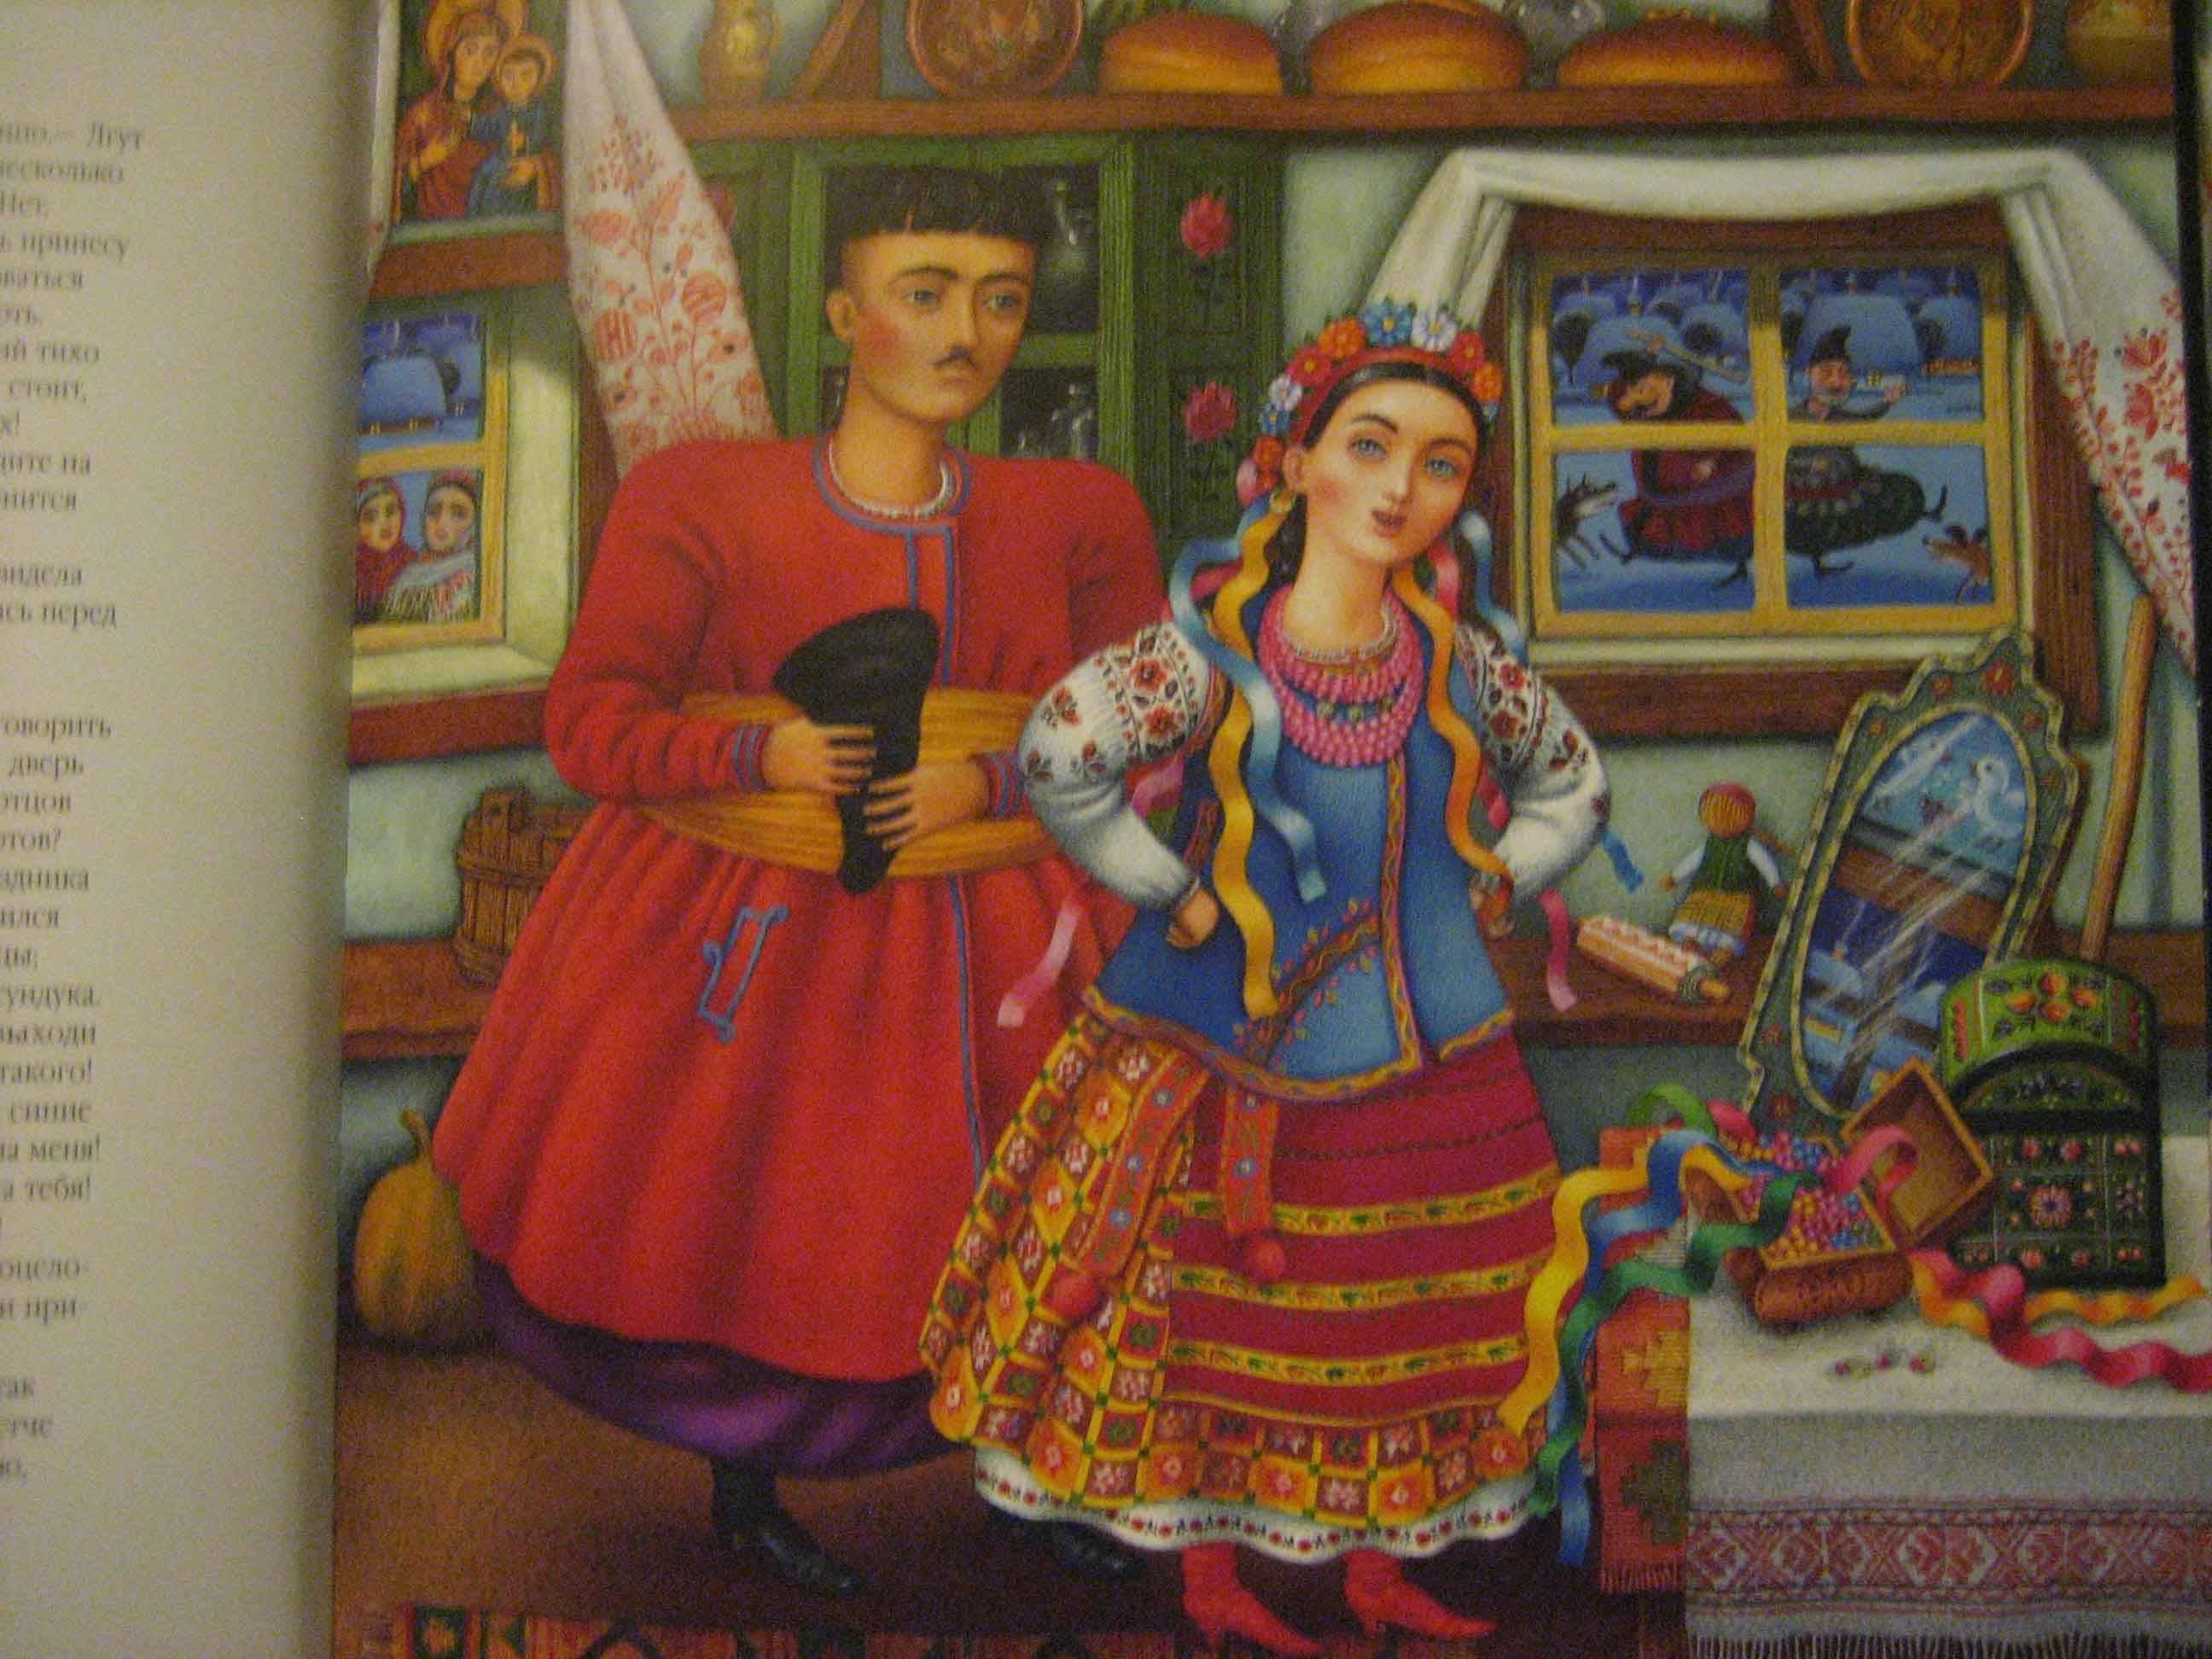 Гоголь николай - сорочинская ярмарка, скачать бесплатно книгу в формате fb2, doc, rtf, html, txt